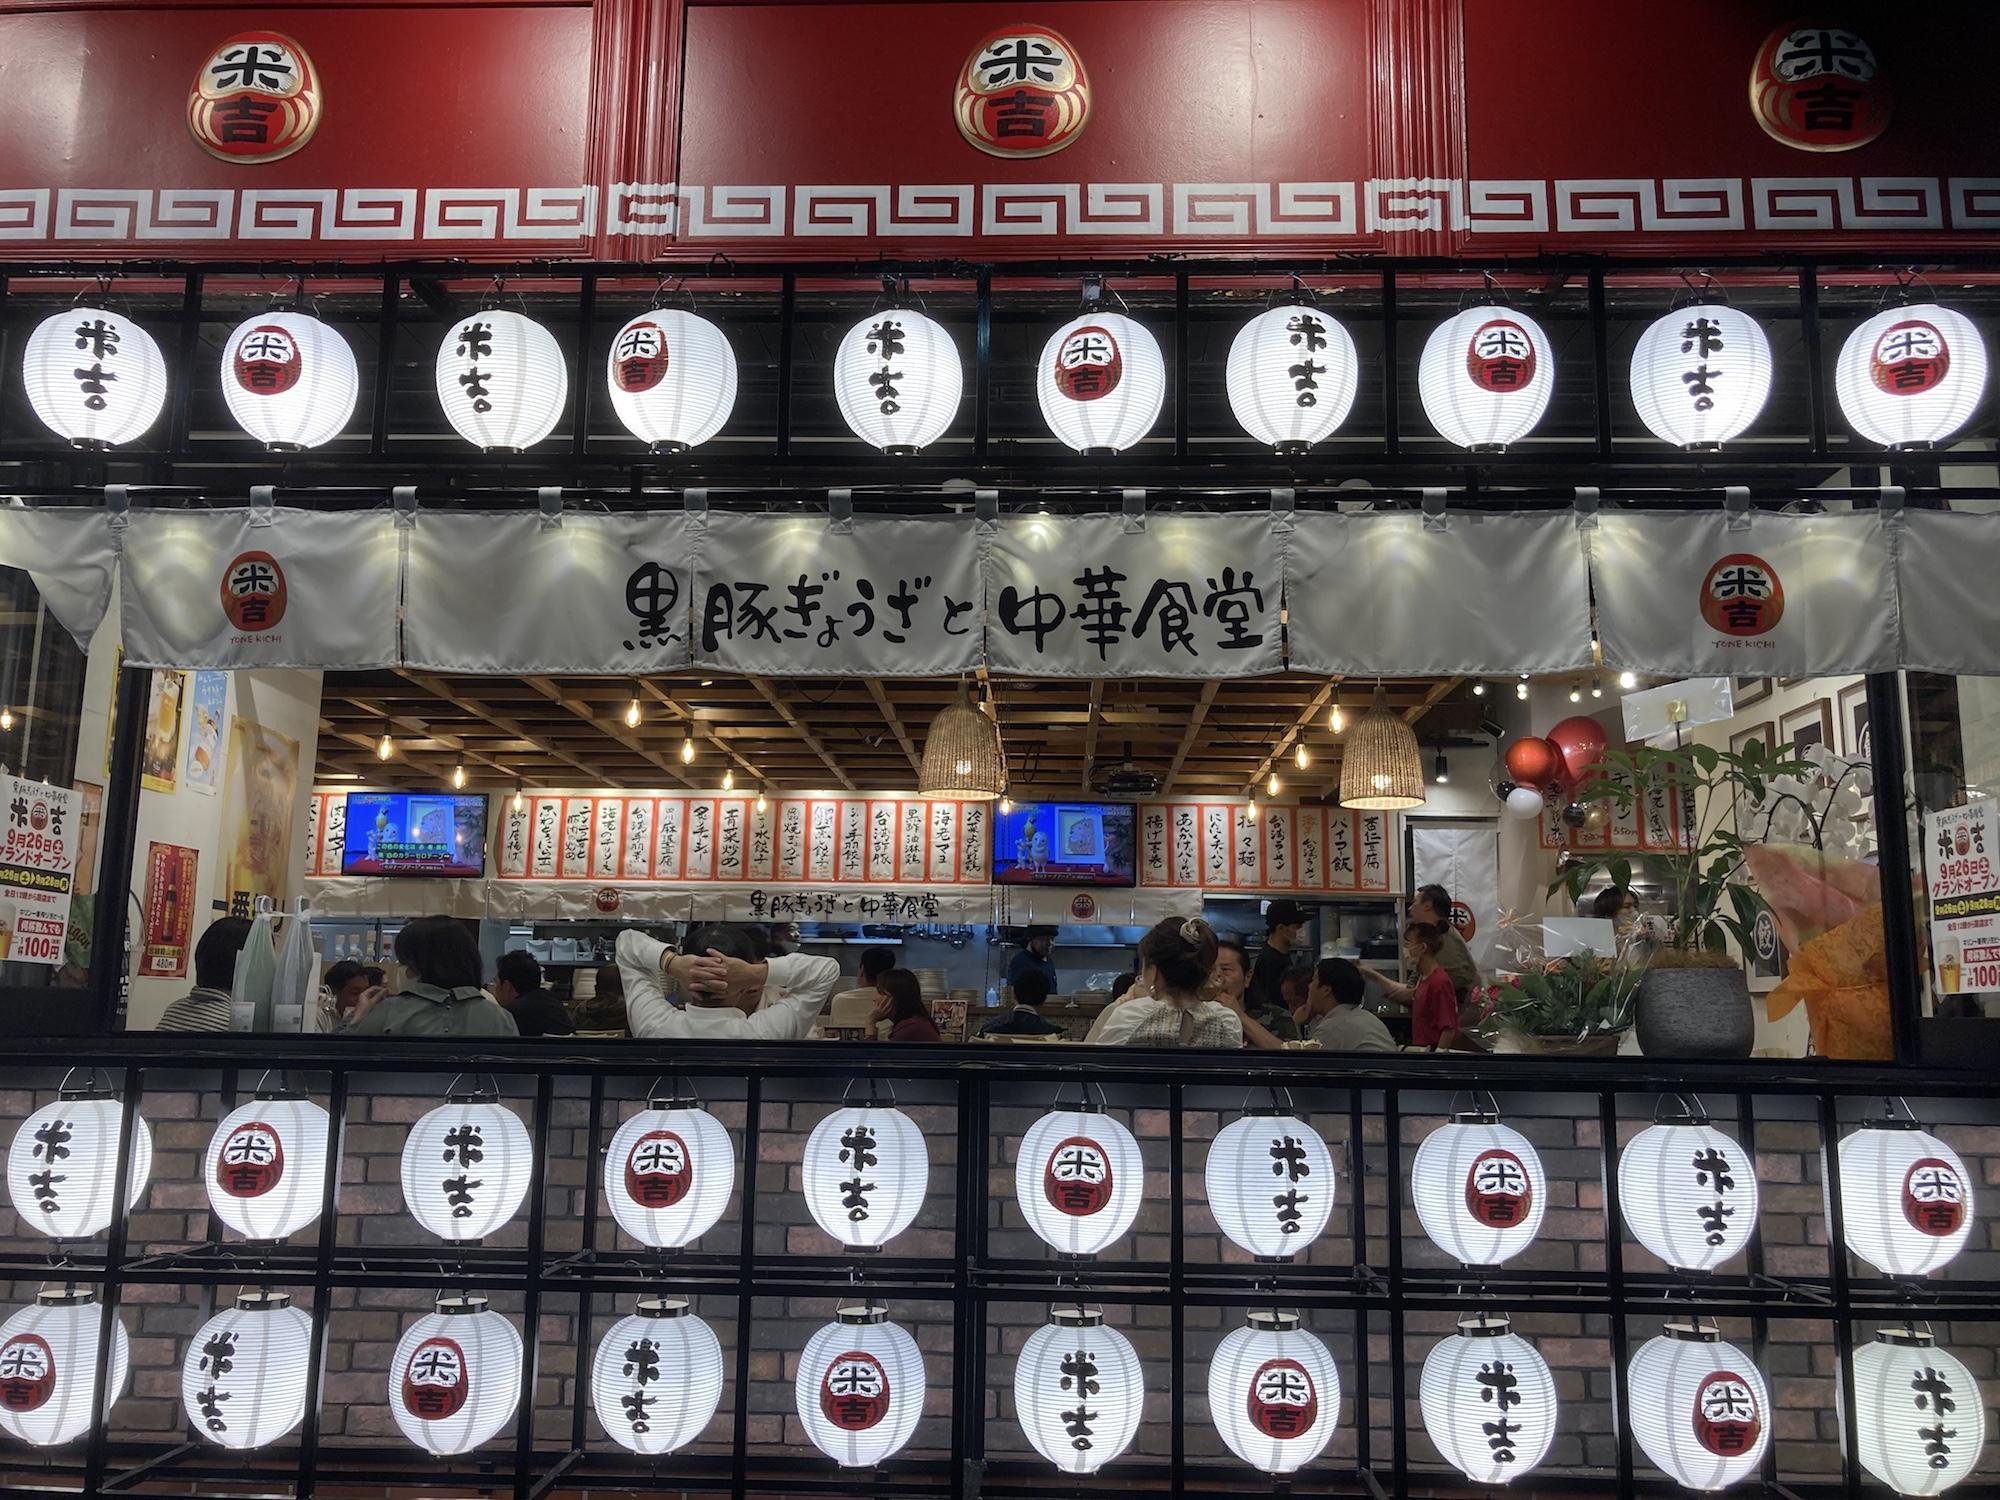 黒豚ぎょうざと中華食堂 米吉 泉店